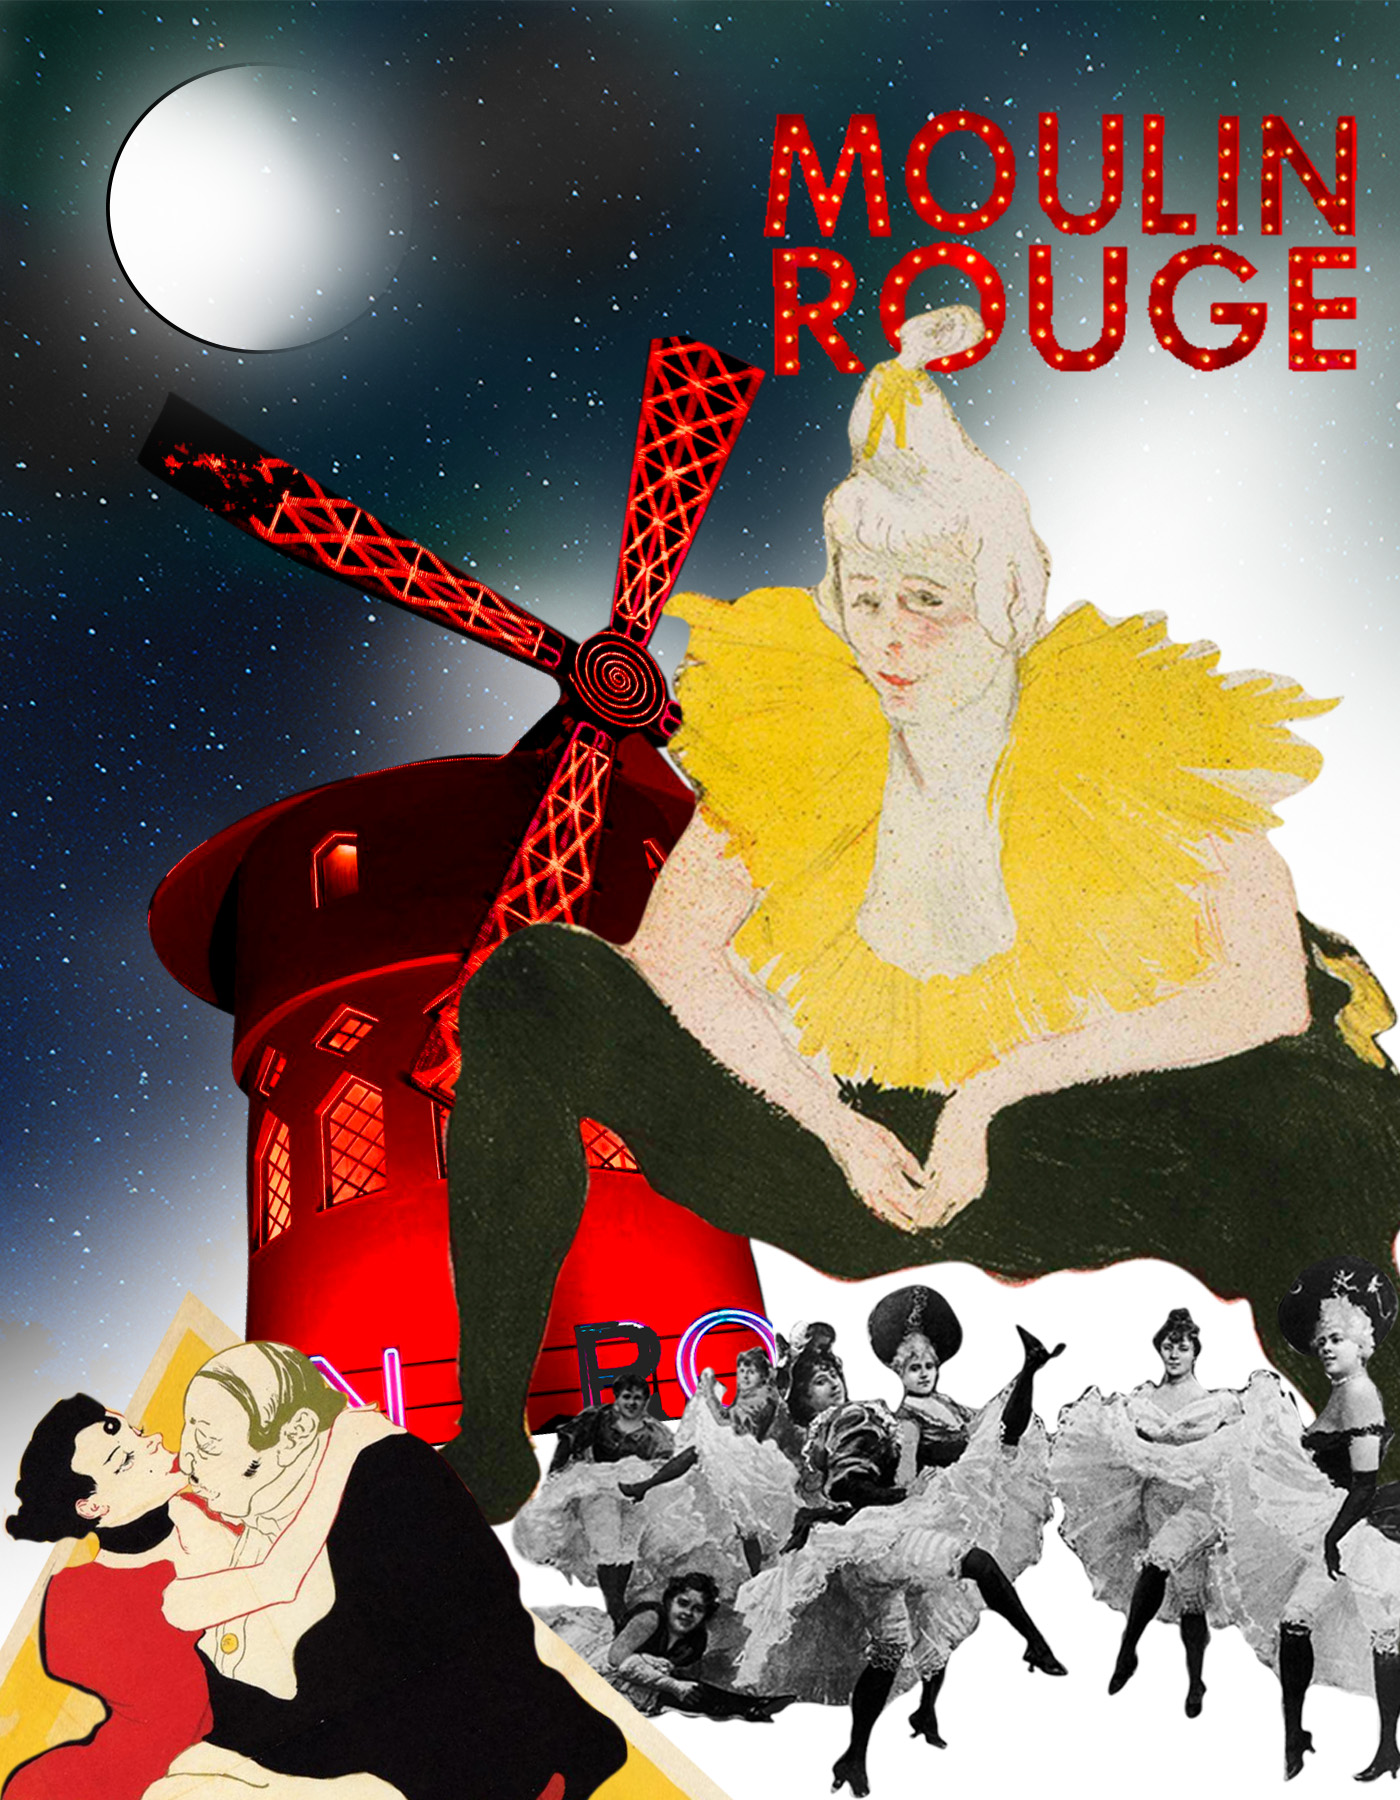 Cha-U-Kao gigante con Molin Rouge y bailarinas de cancan en blanco y negro. París, Montmartre. Loco Mundo Arte y Bohemia.